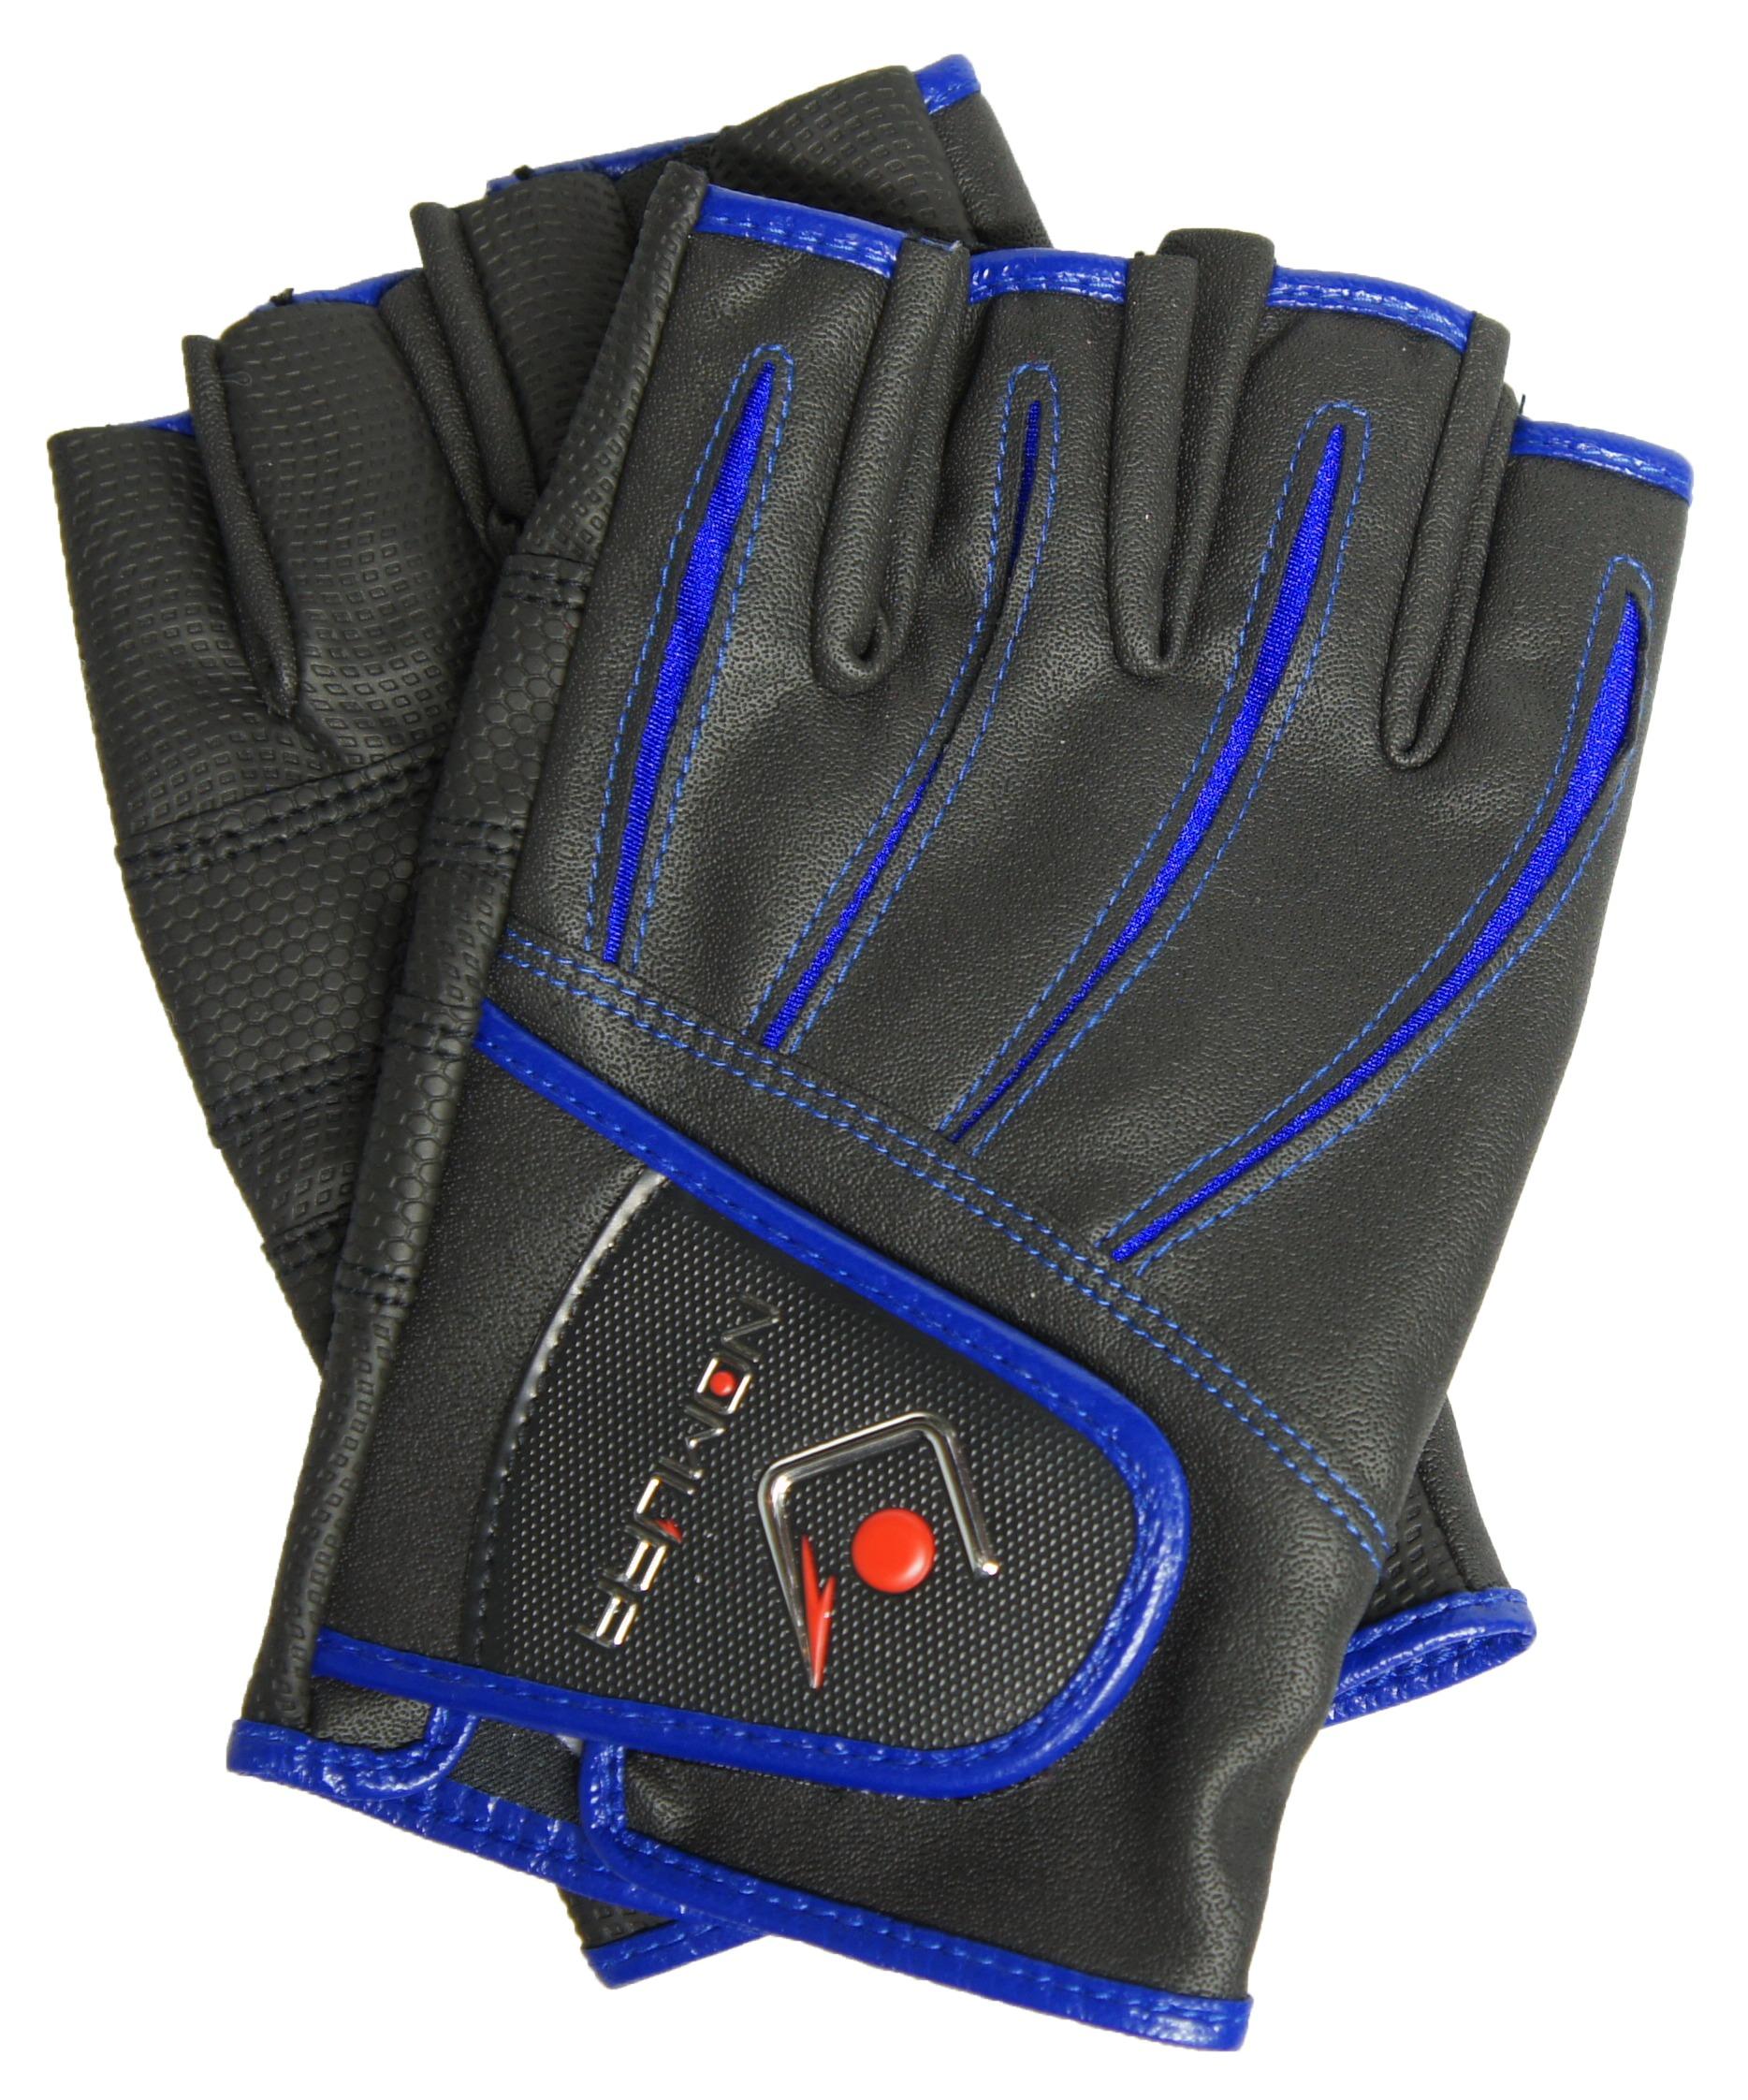 Nomura guanti fingerless glove glasgow angling centre for Fingerless fishing gloves